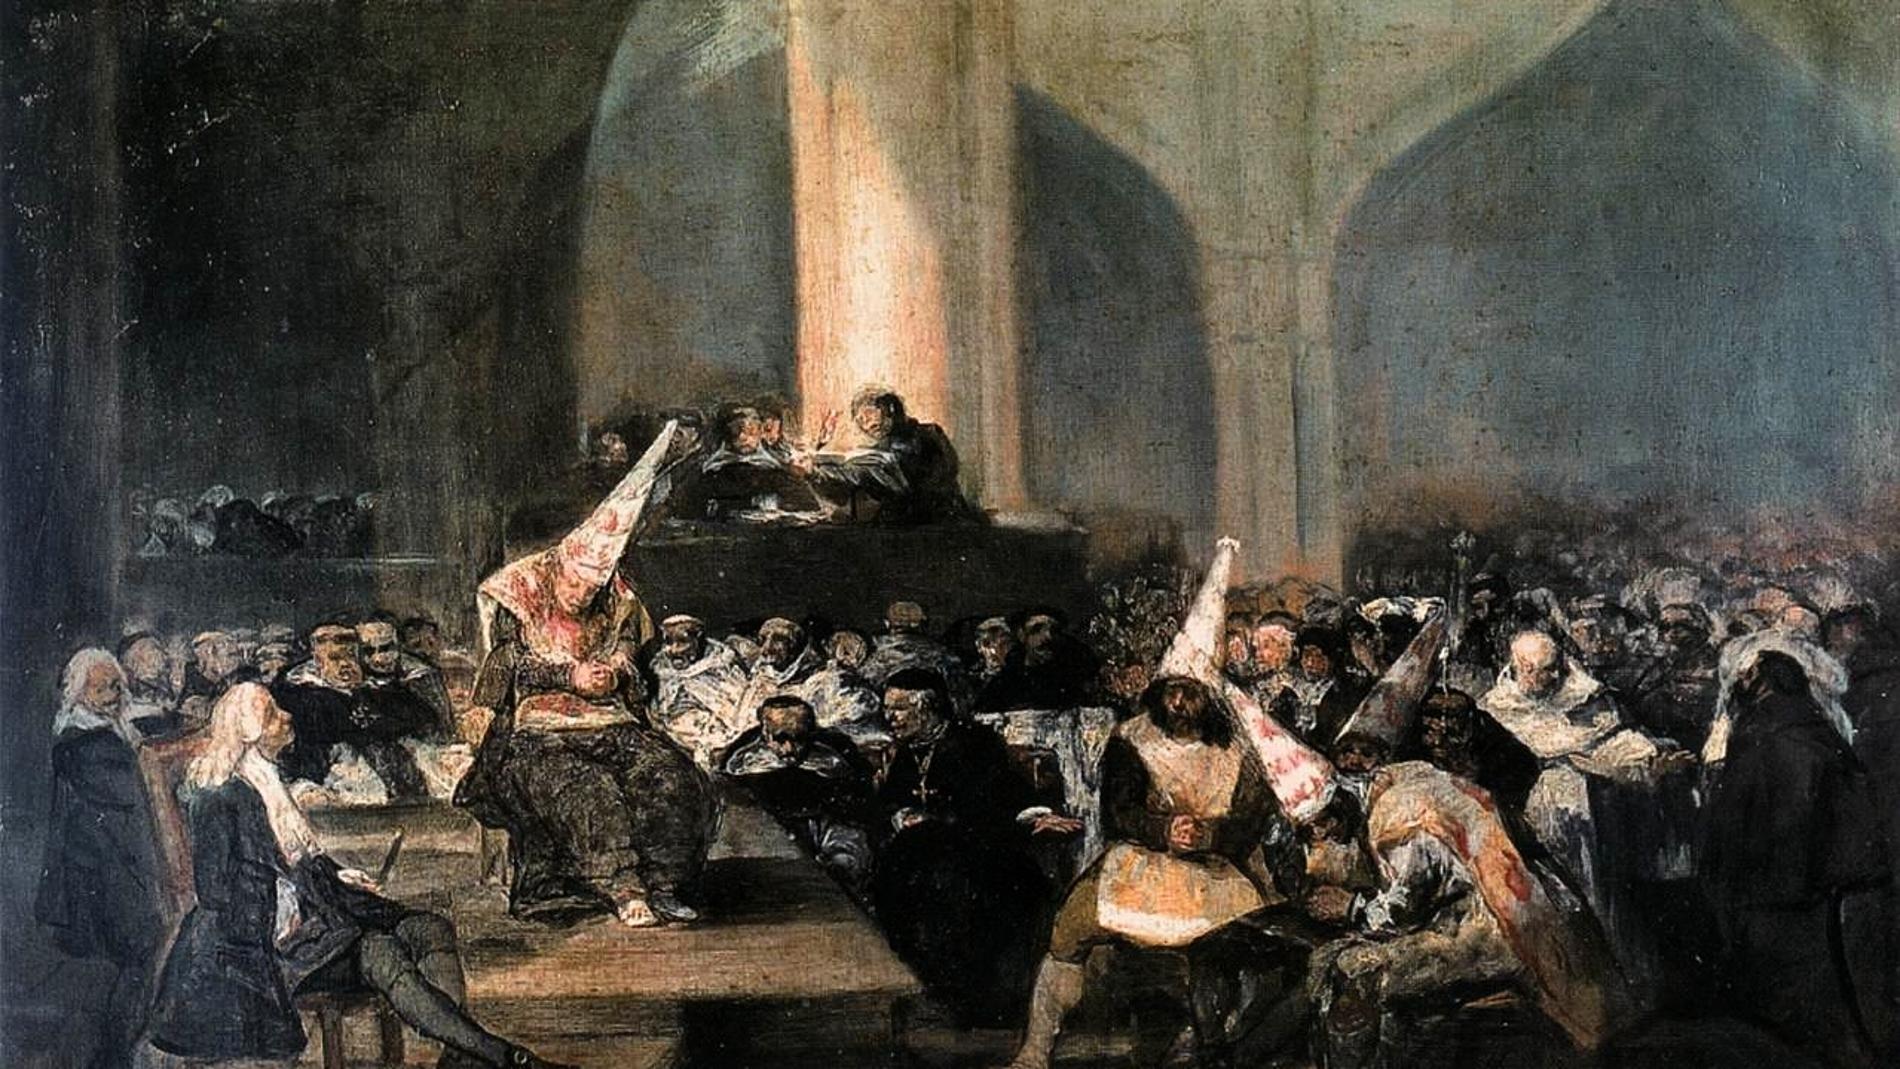 Tribunal de la inquisición, Goya